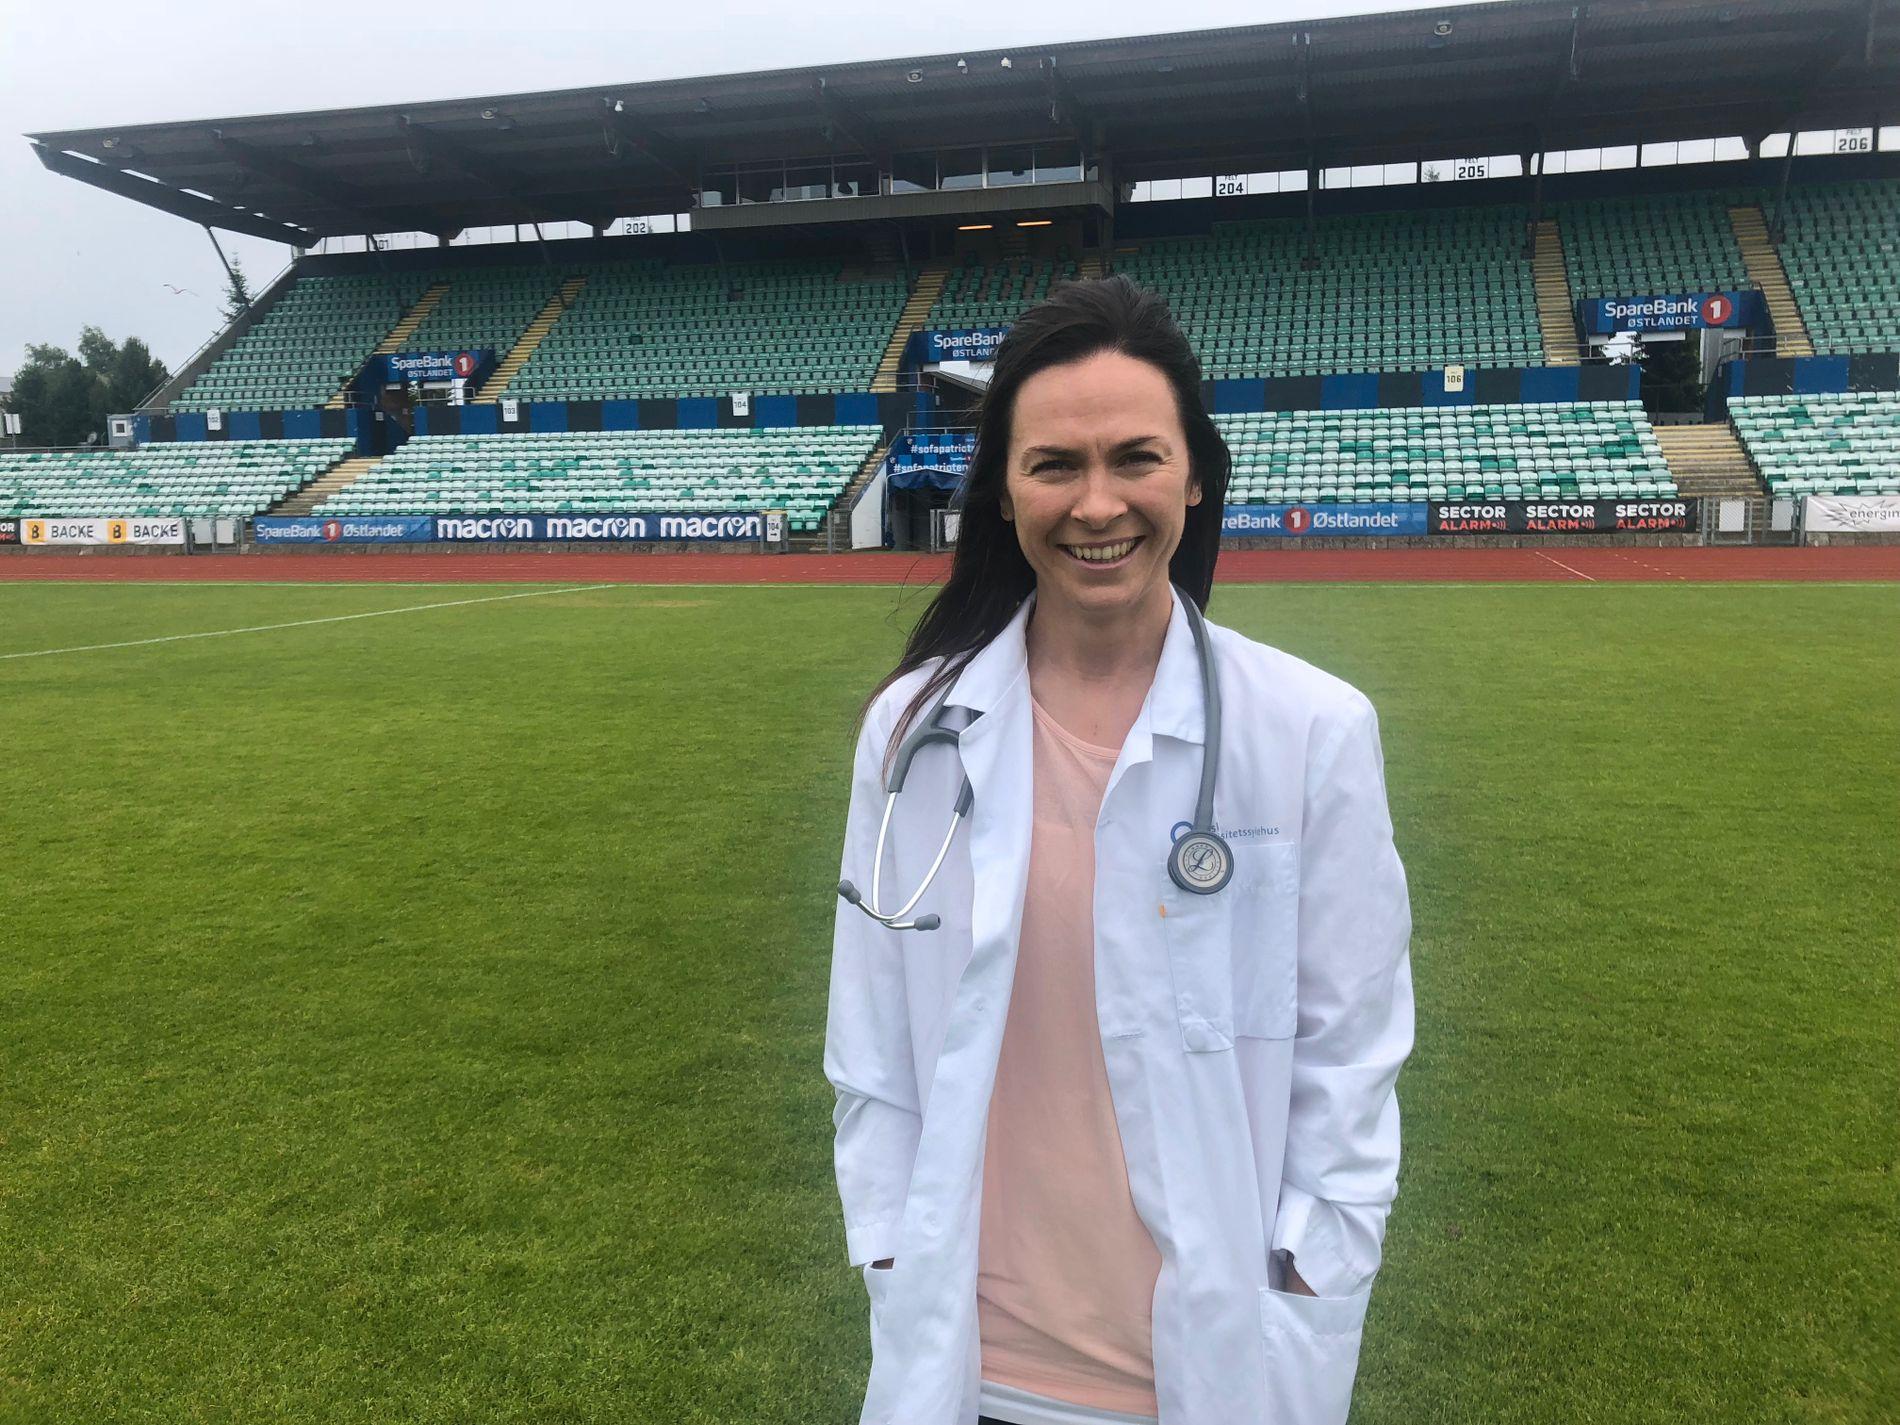 FRISK LEGE: Siri Nordeide Grønli starter i ny jobb denne høsten, som lege ved Bærum sykehus. Hun vet ennå ikke om det vil la seg kombinere med å fortsette karrieren på Nadderud.